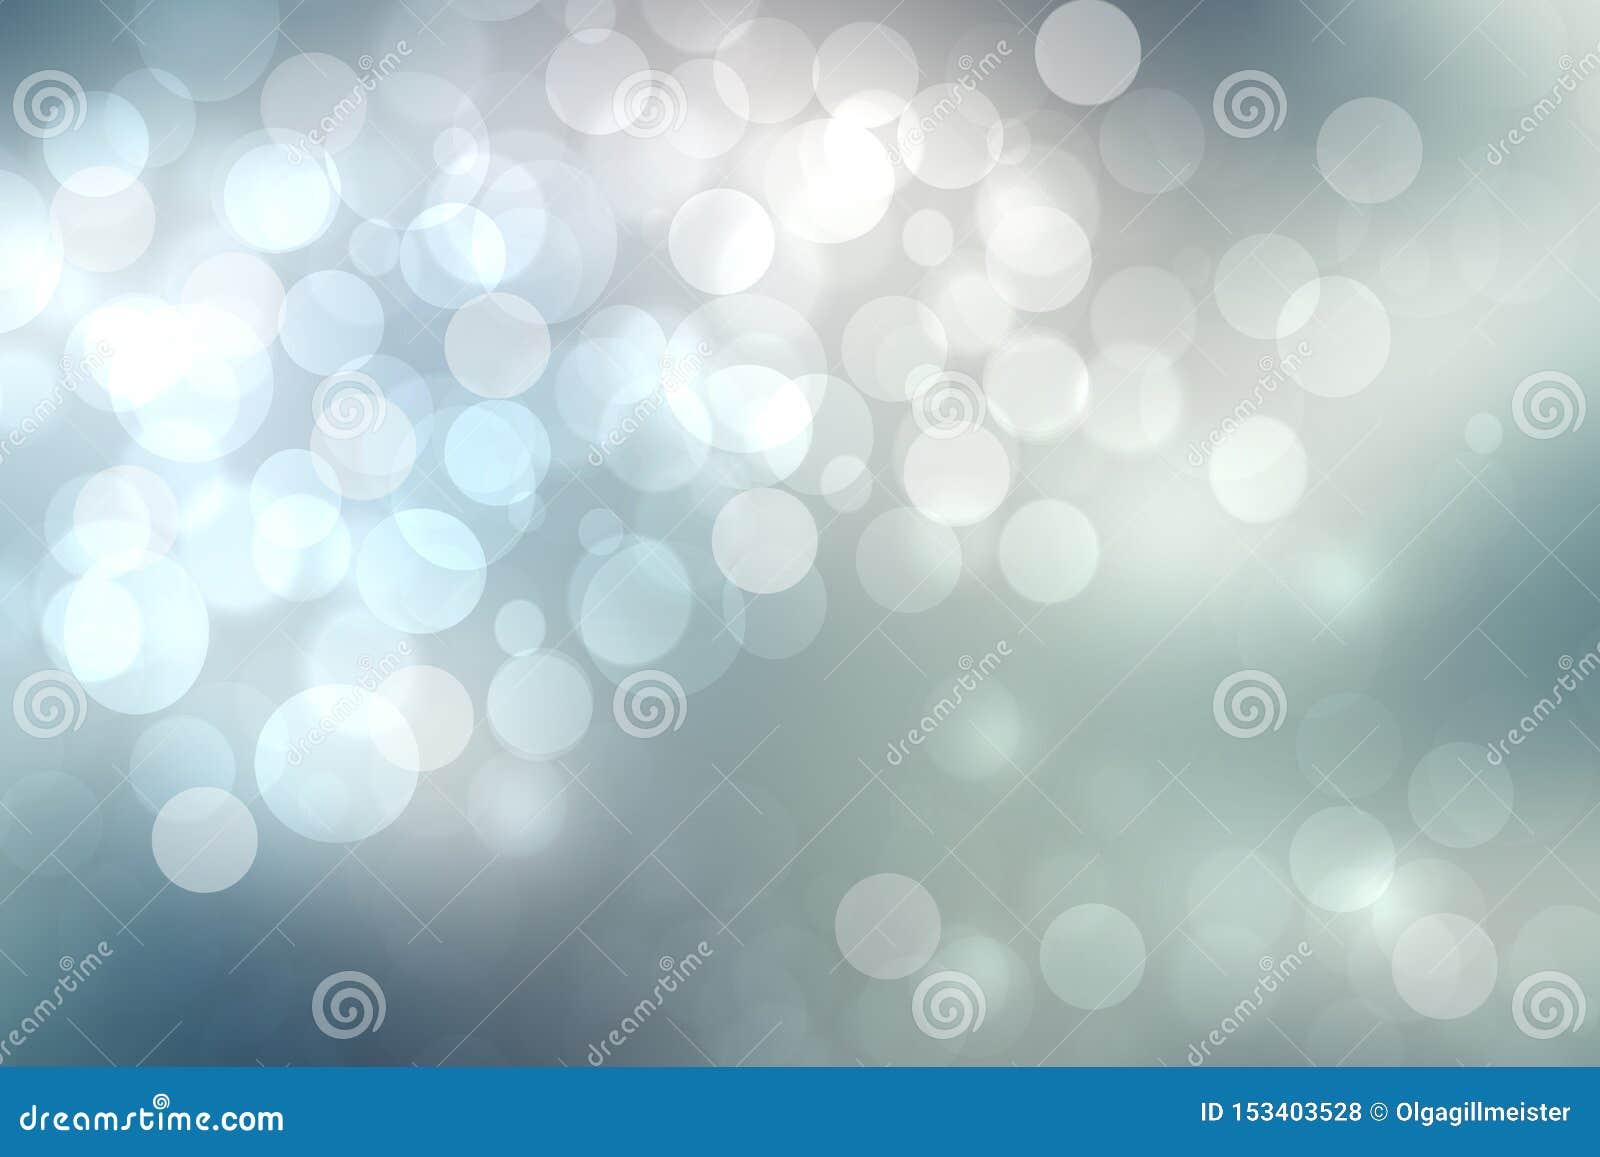 Abstracte feestelijke lichtblauwe zilveren bokehtextuur als achtergrond met kleurrijke cirkels en bokeh lichten Mooie achtergrond